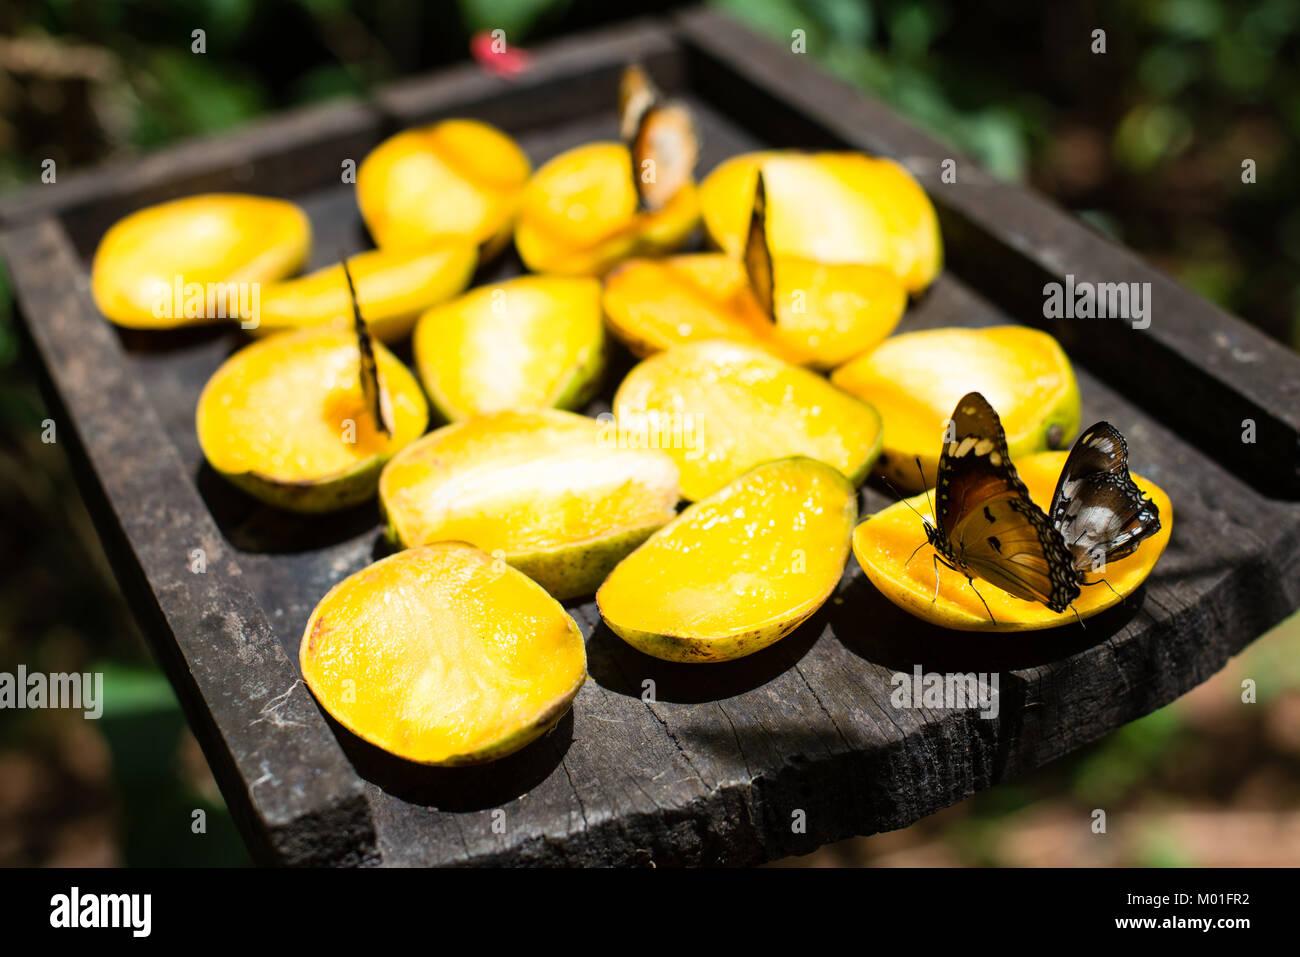 Schmetterlinge Futterung Auf Mango Obst In Schmetterling Zentrum